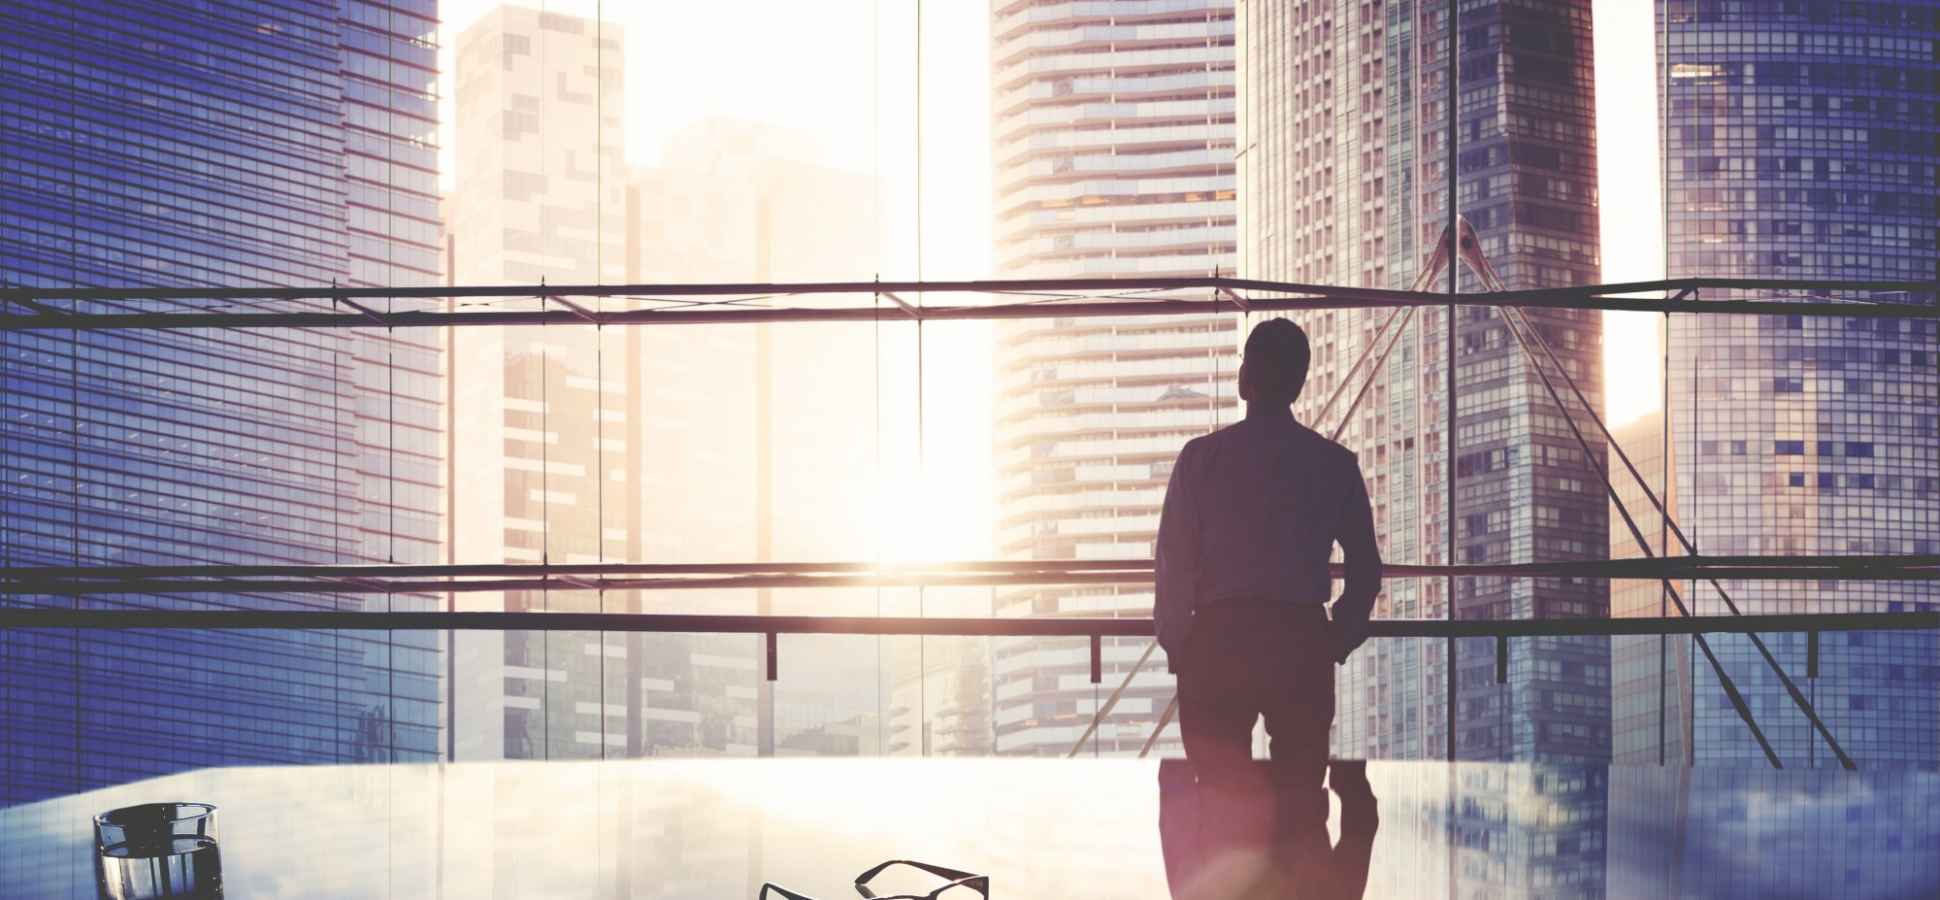 6 Ways You Can Balance Profit With Principles